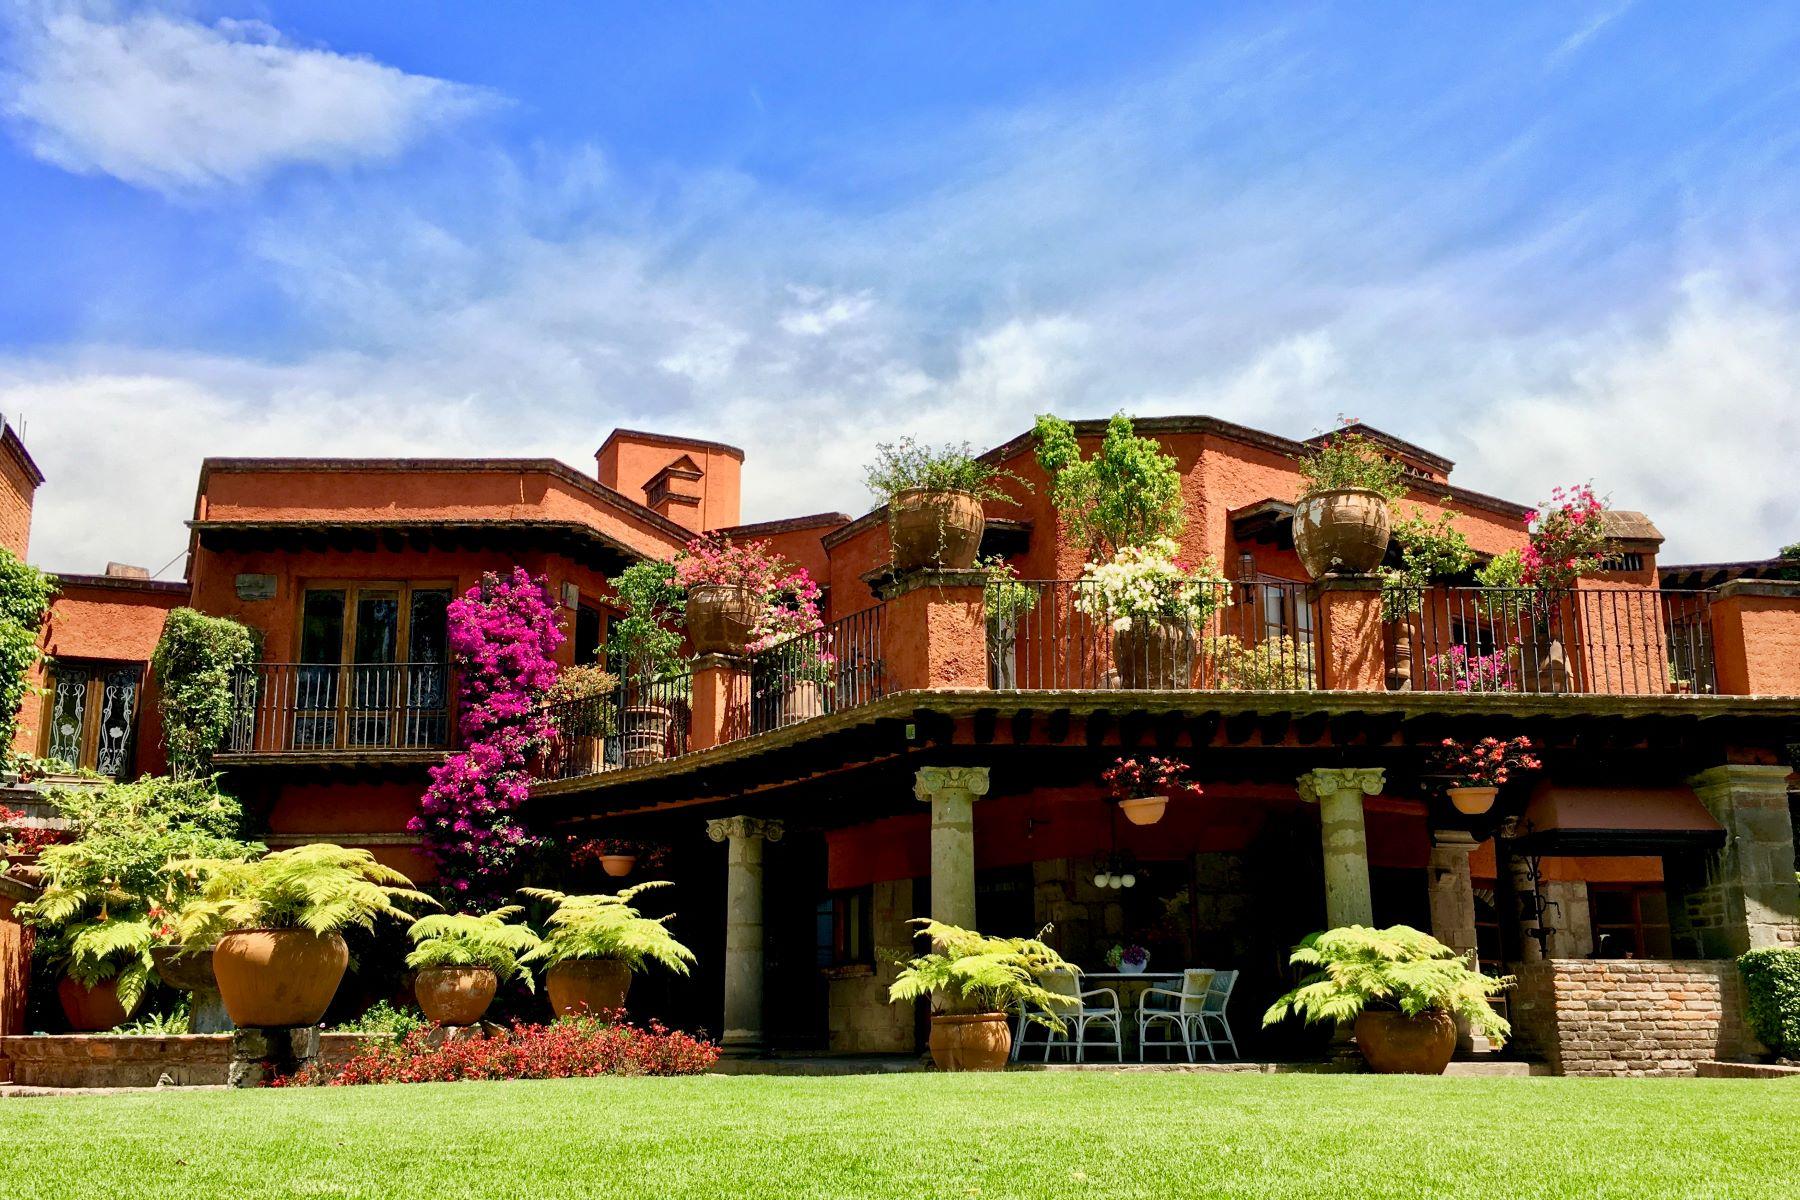 Single Family Home for Sale at Casa Cantera, Jardines del Pedregal Cantera 130 Jardines del Pedregal Mexico City, Ciudad de Mexico 01900 Mexico